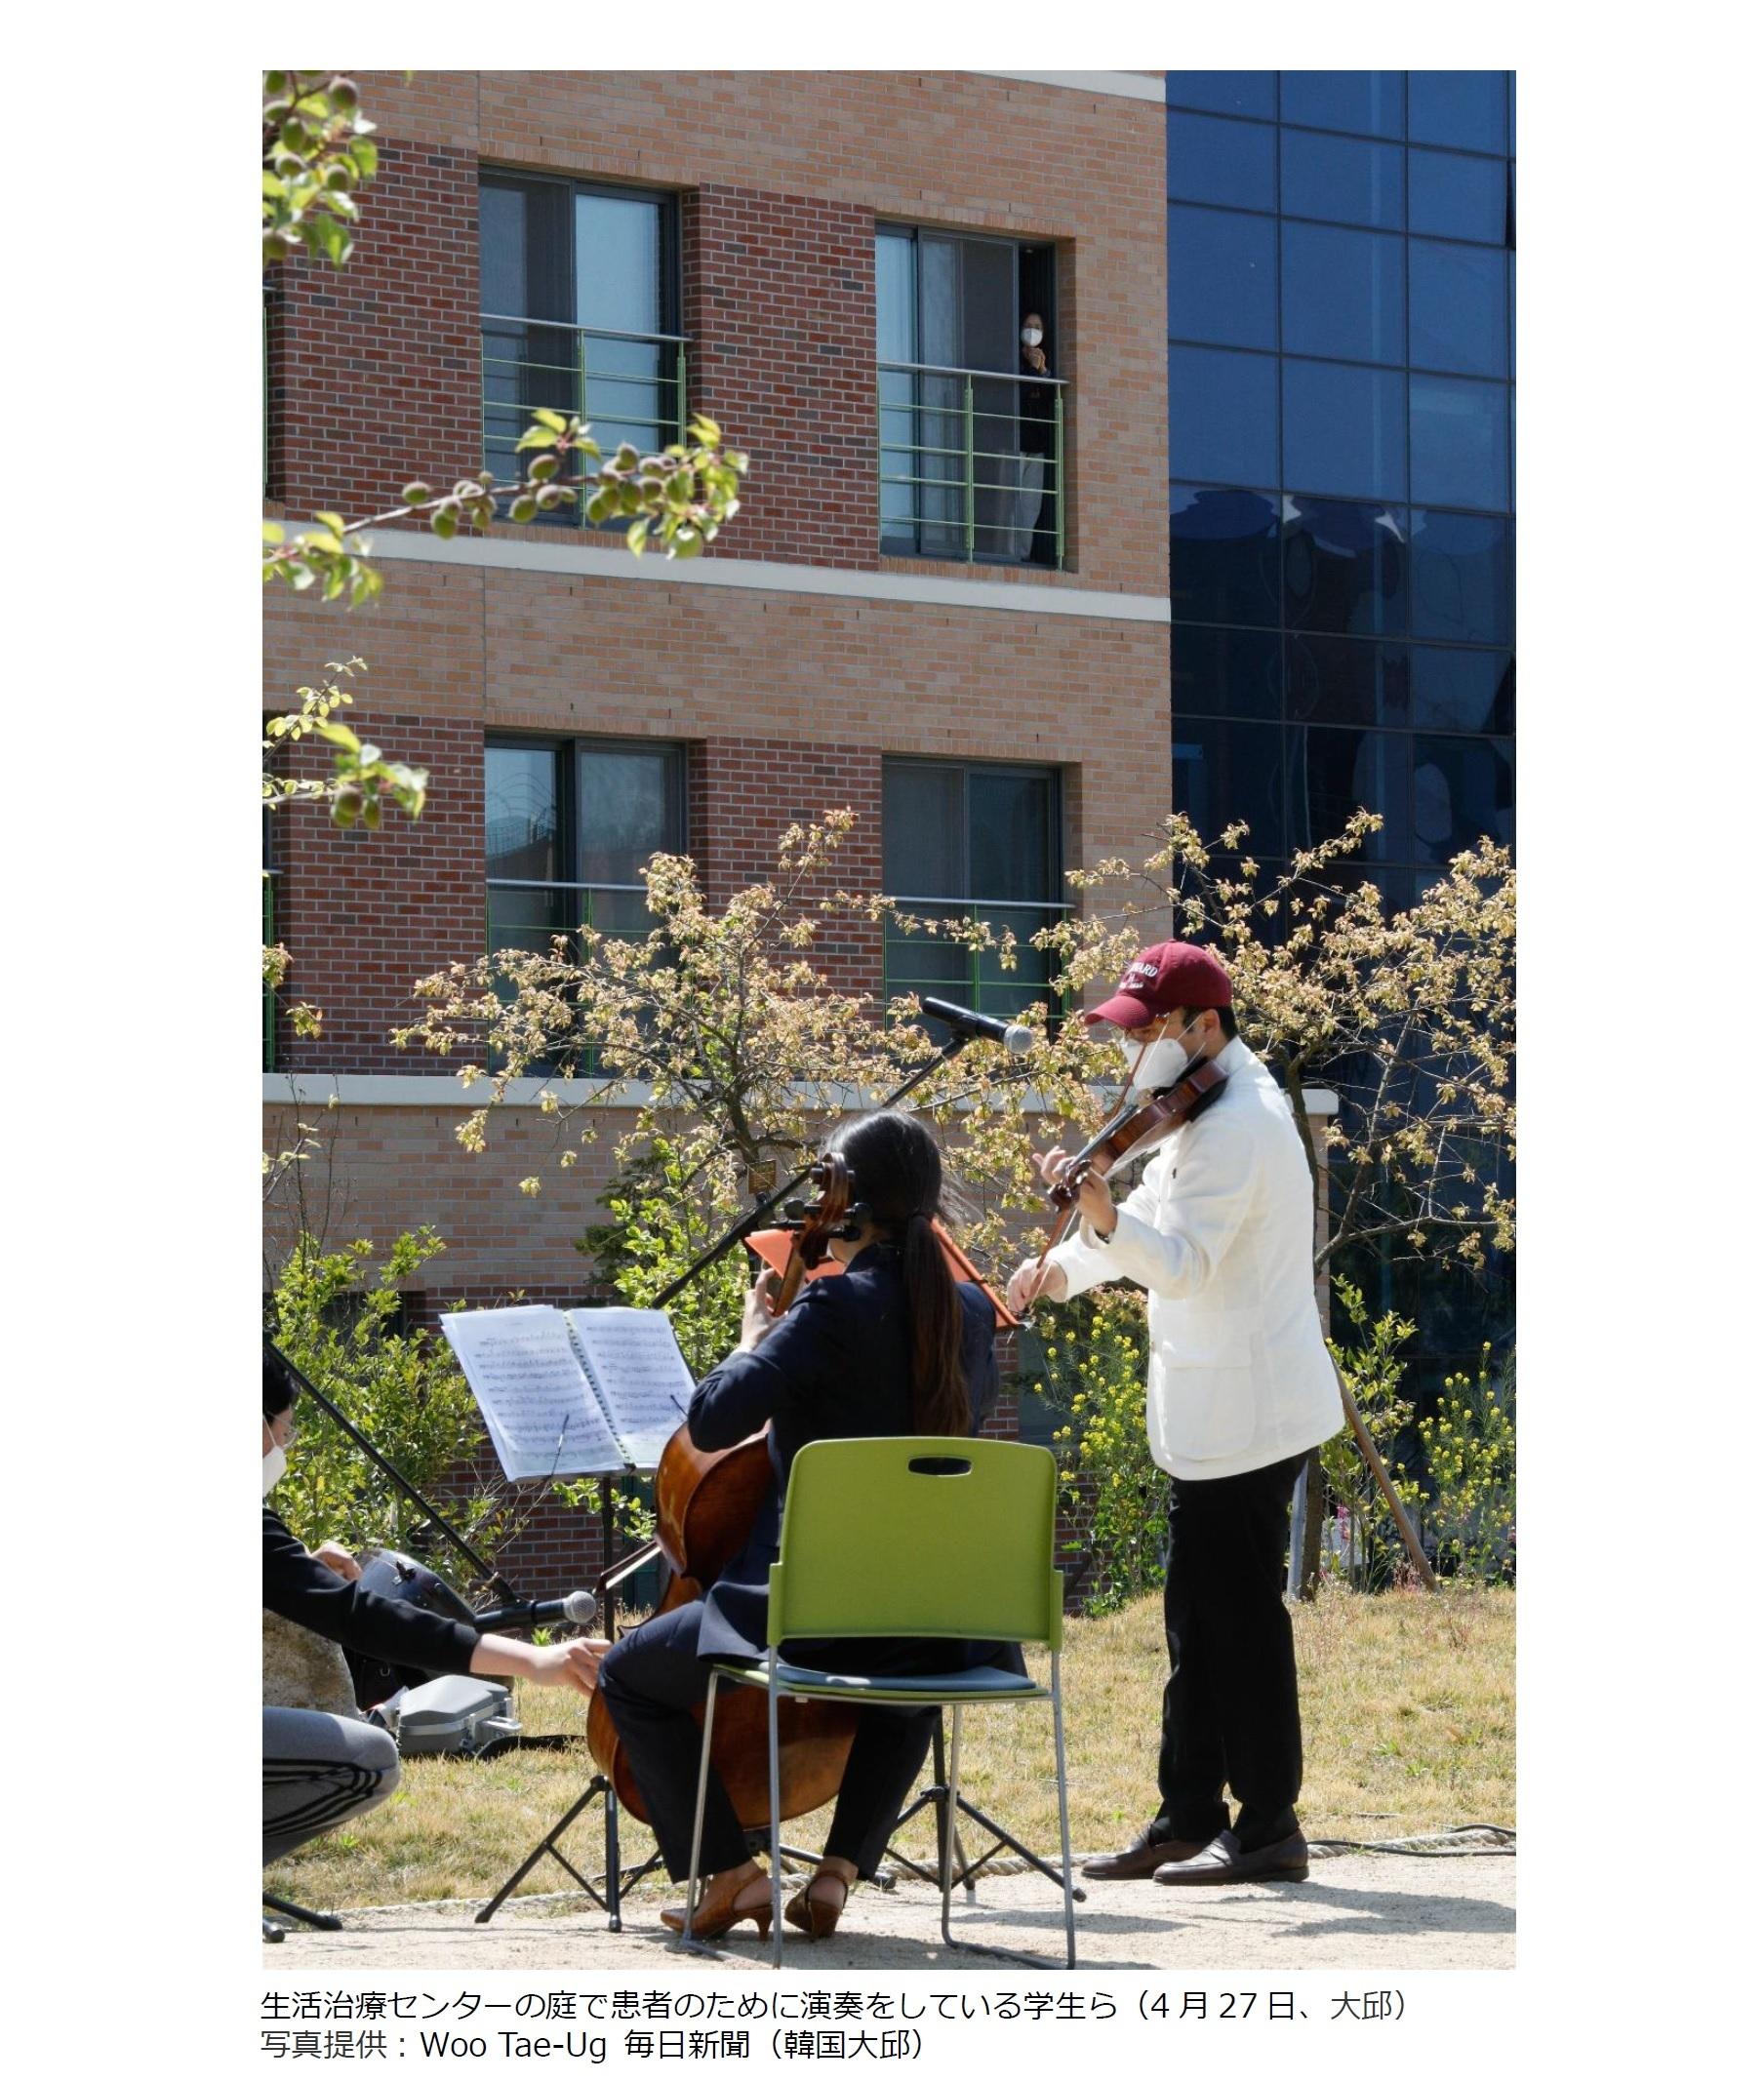 生活治療センターの庭で患者のために演奏をしている学生ら